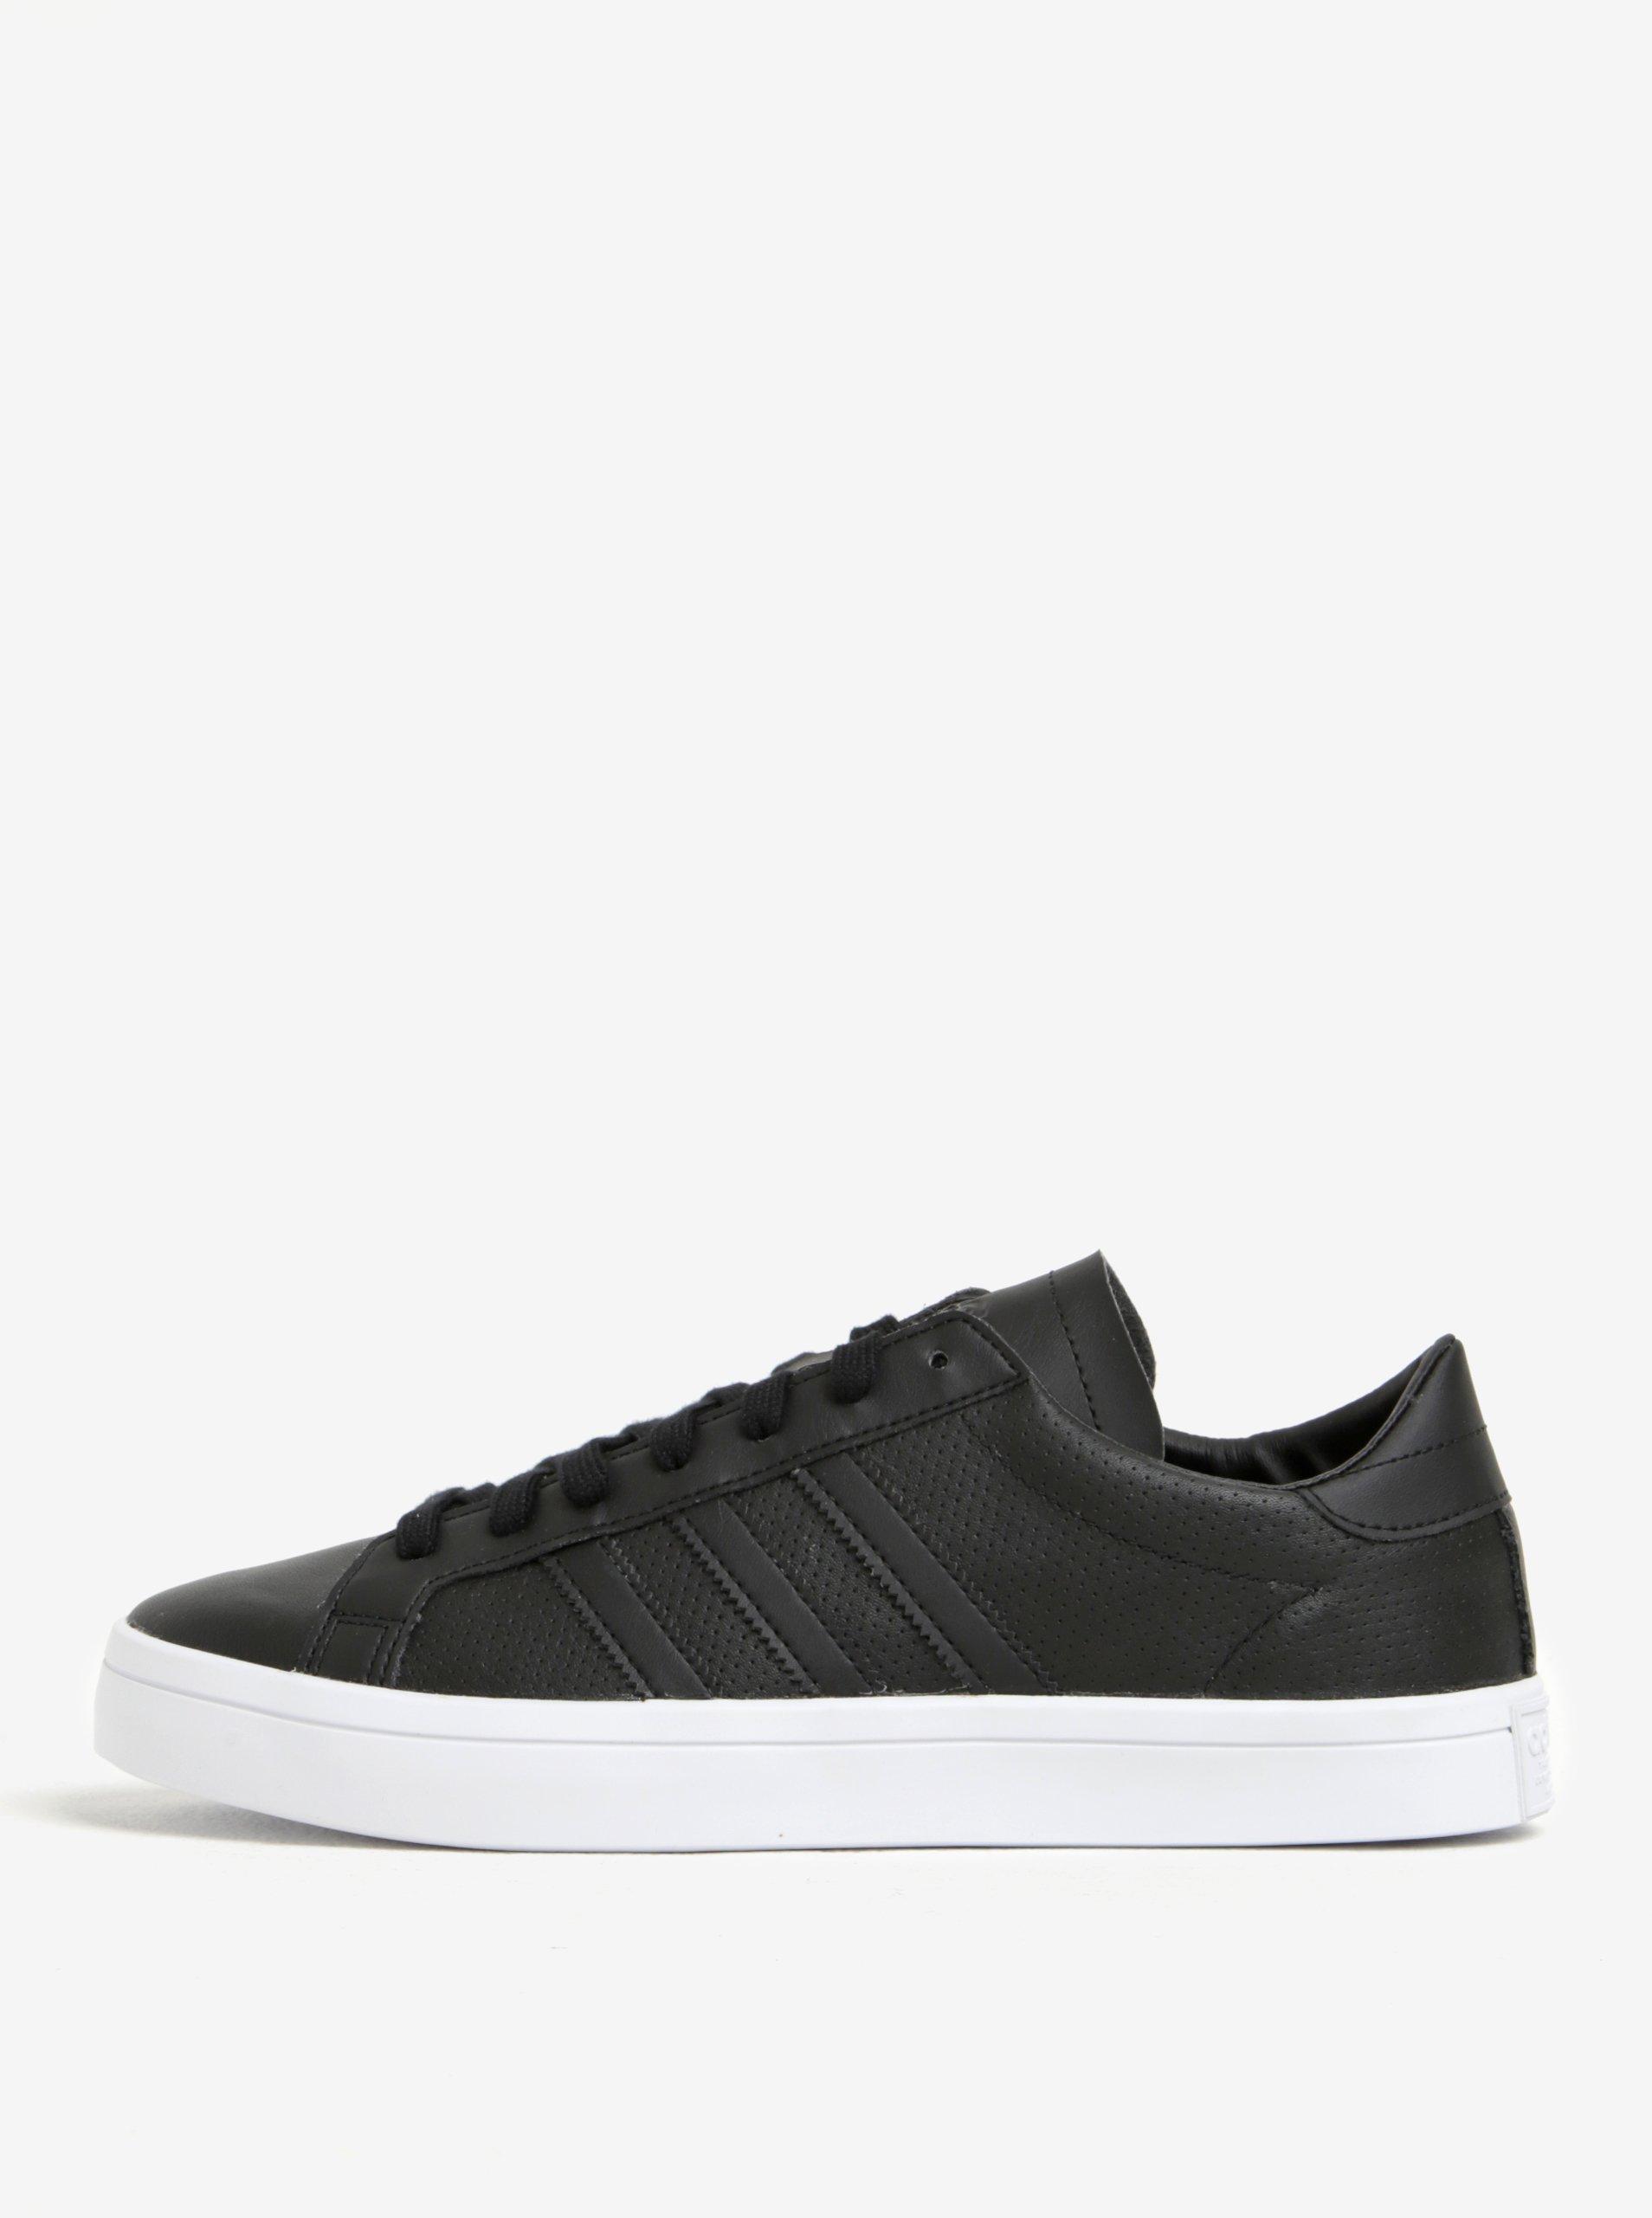 Černé pánské kožené tenisky adidas Originals Courtvantage